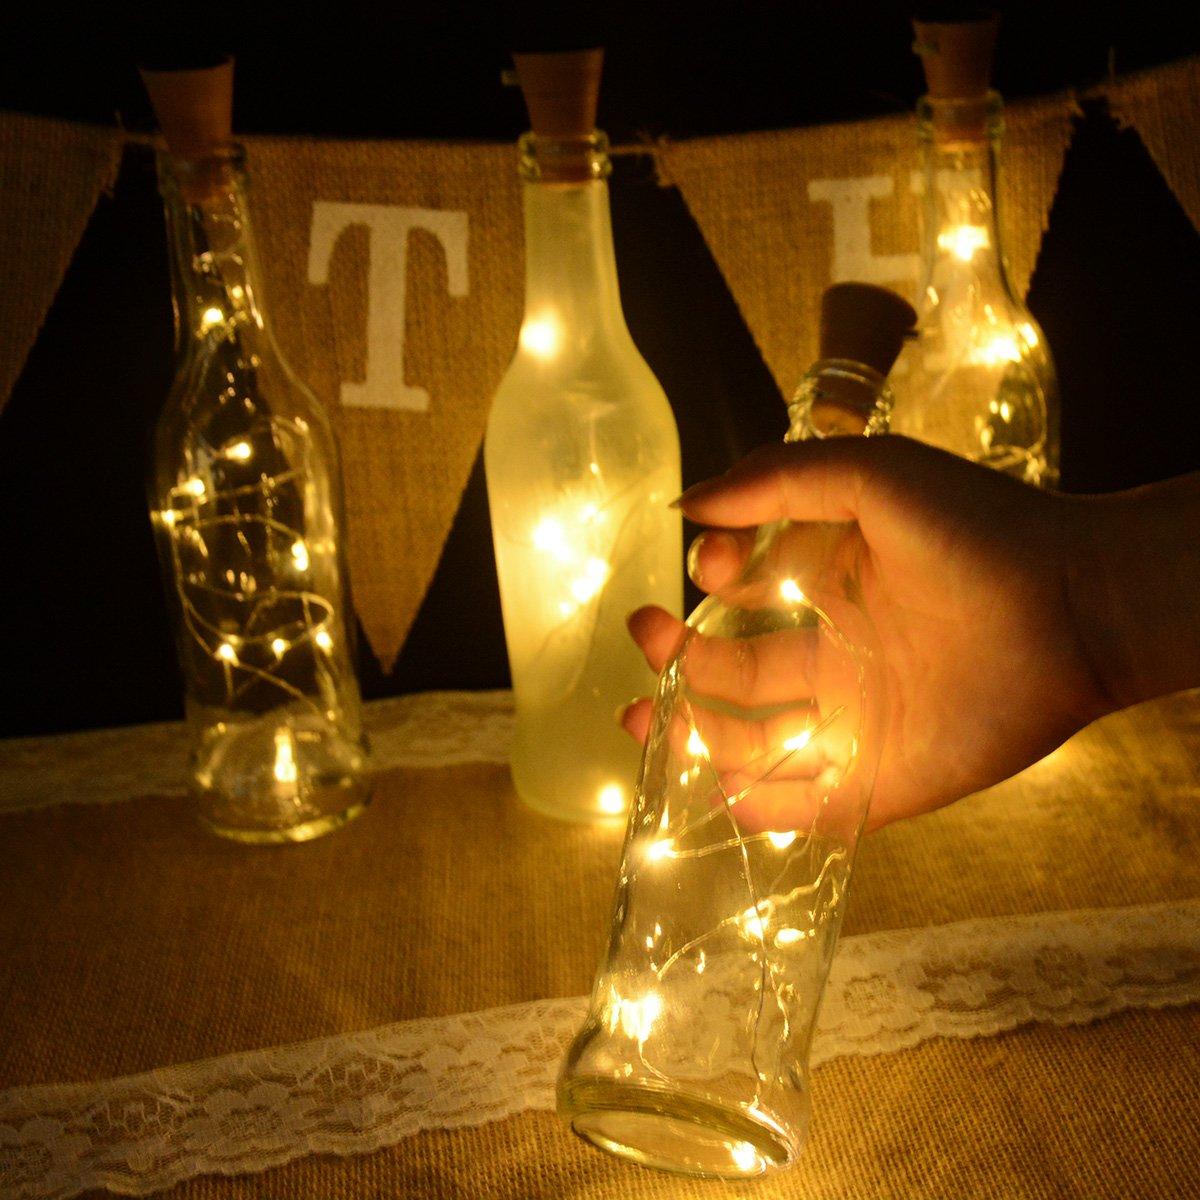 wine lighting. Abkshine 4 Pack Warm White Solar Cork Lights For Empty Wine Bottles, 10 LED Waterproof Glass Bottles Stopper String Wedding Christmas, Outdoor, Lighting